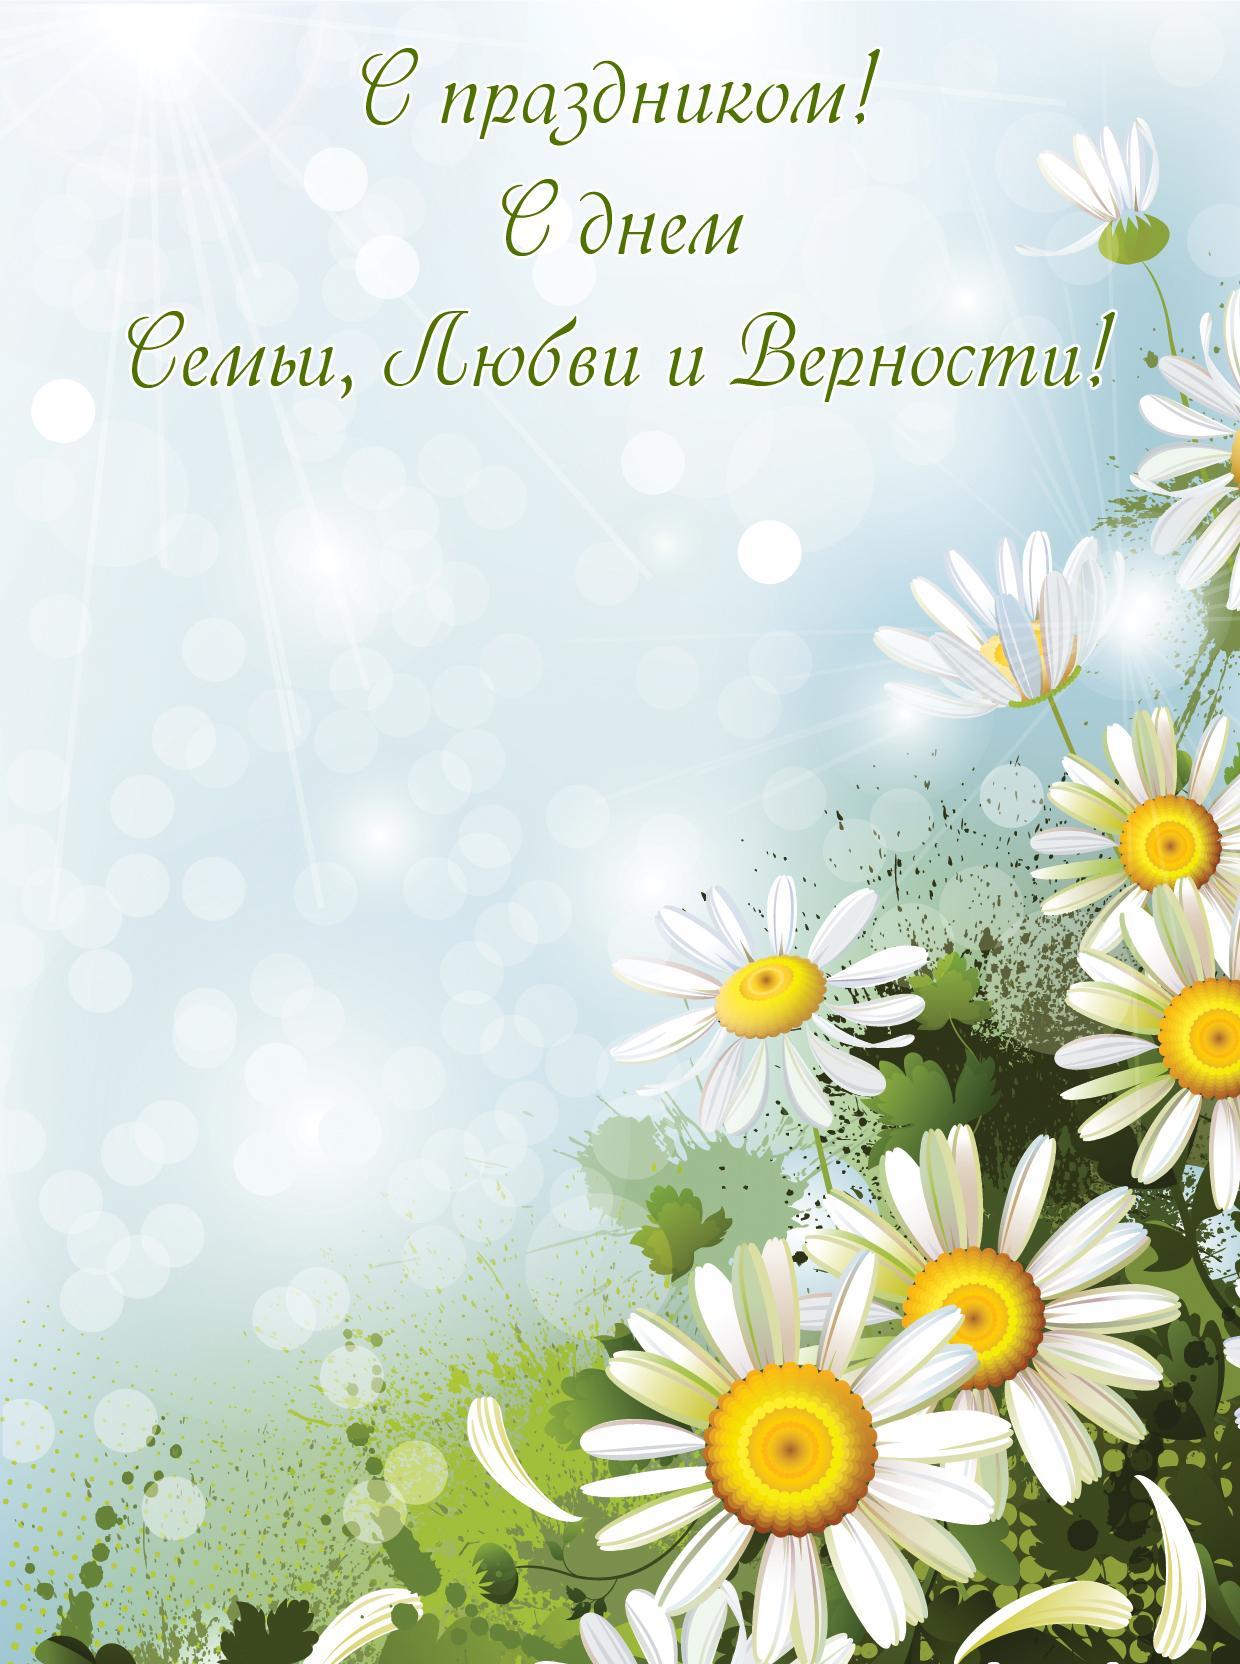 Открытки цветы к дню семьи